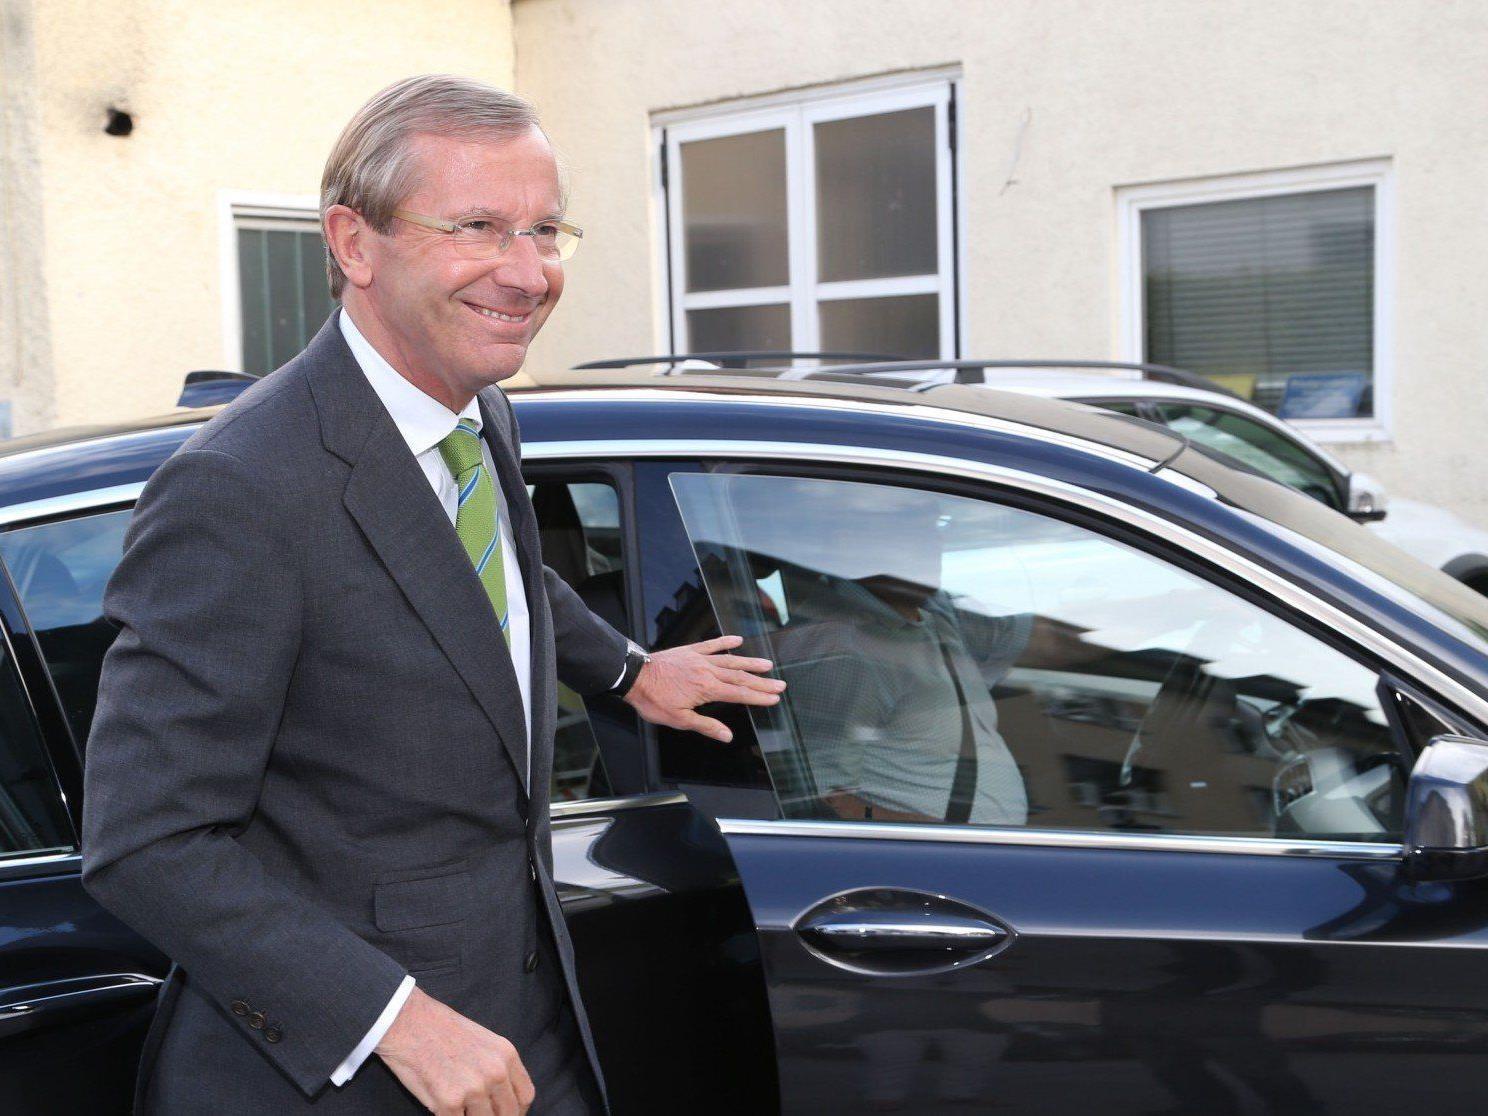 Die Salzburger ÖVP tritt mit den Grünen und dem Team Stronach in Koalitionsverhandlungen.